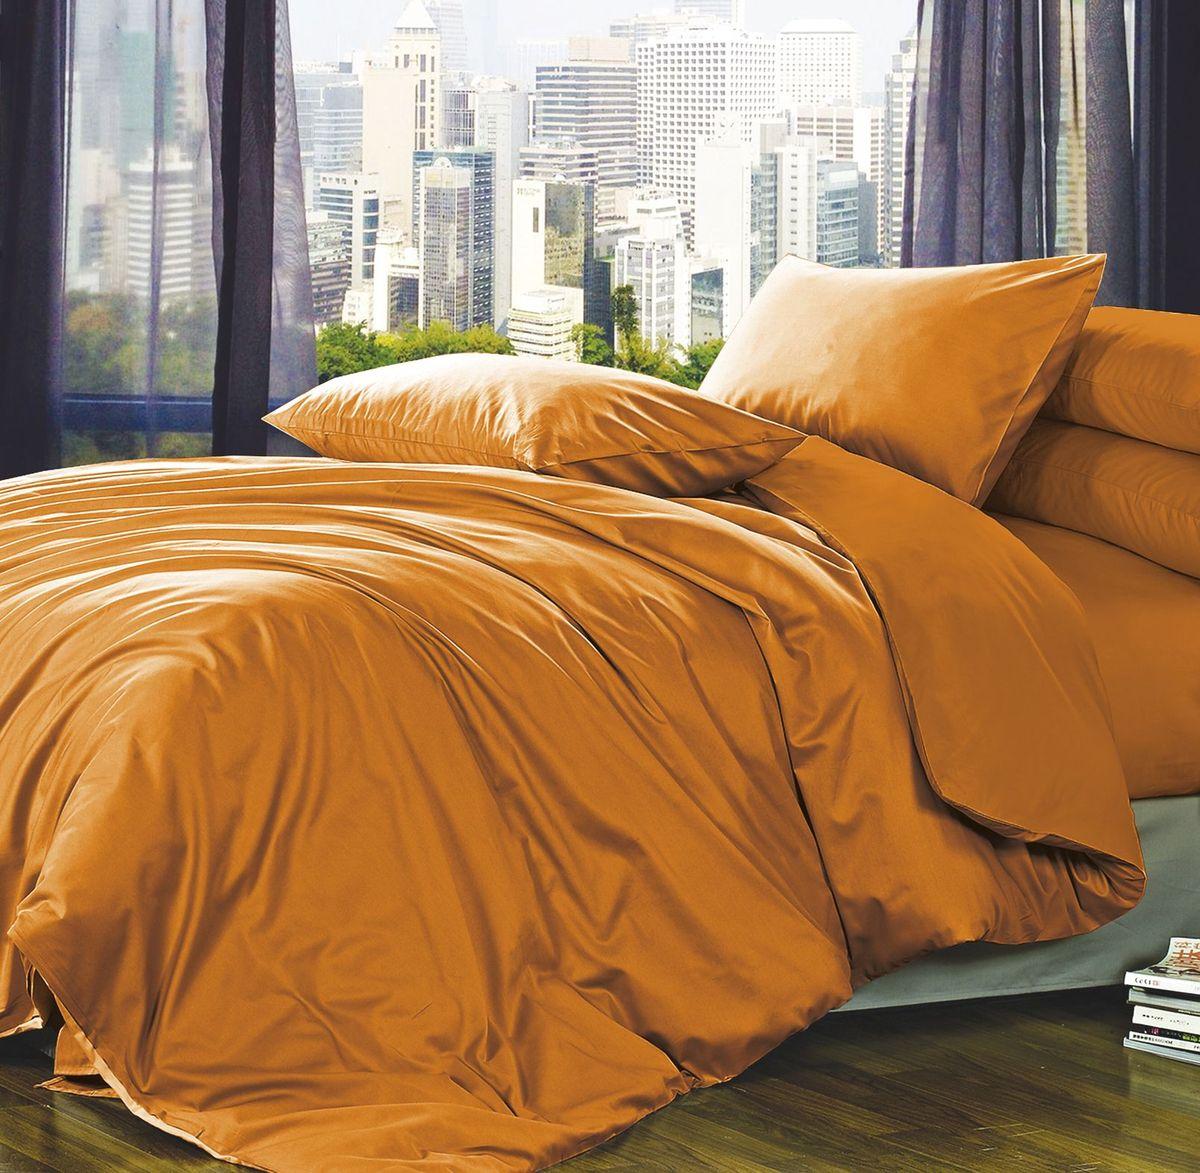 Комплект белья Коллекция Оранжевый, семейный, наволочки 50x70. ПС5/50/ОЗ/орПС5/50/ОЗ/ор